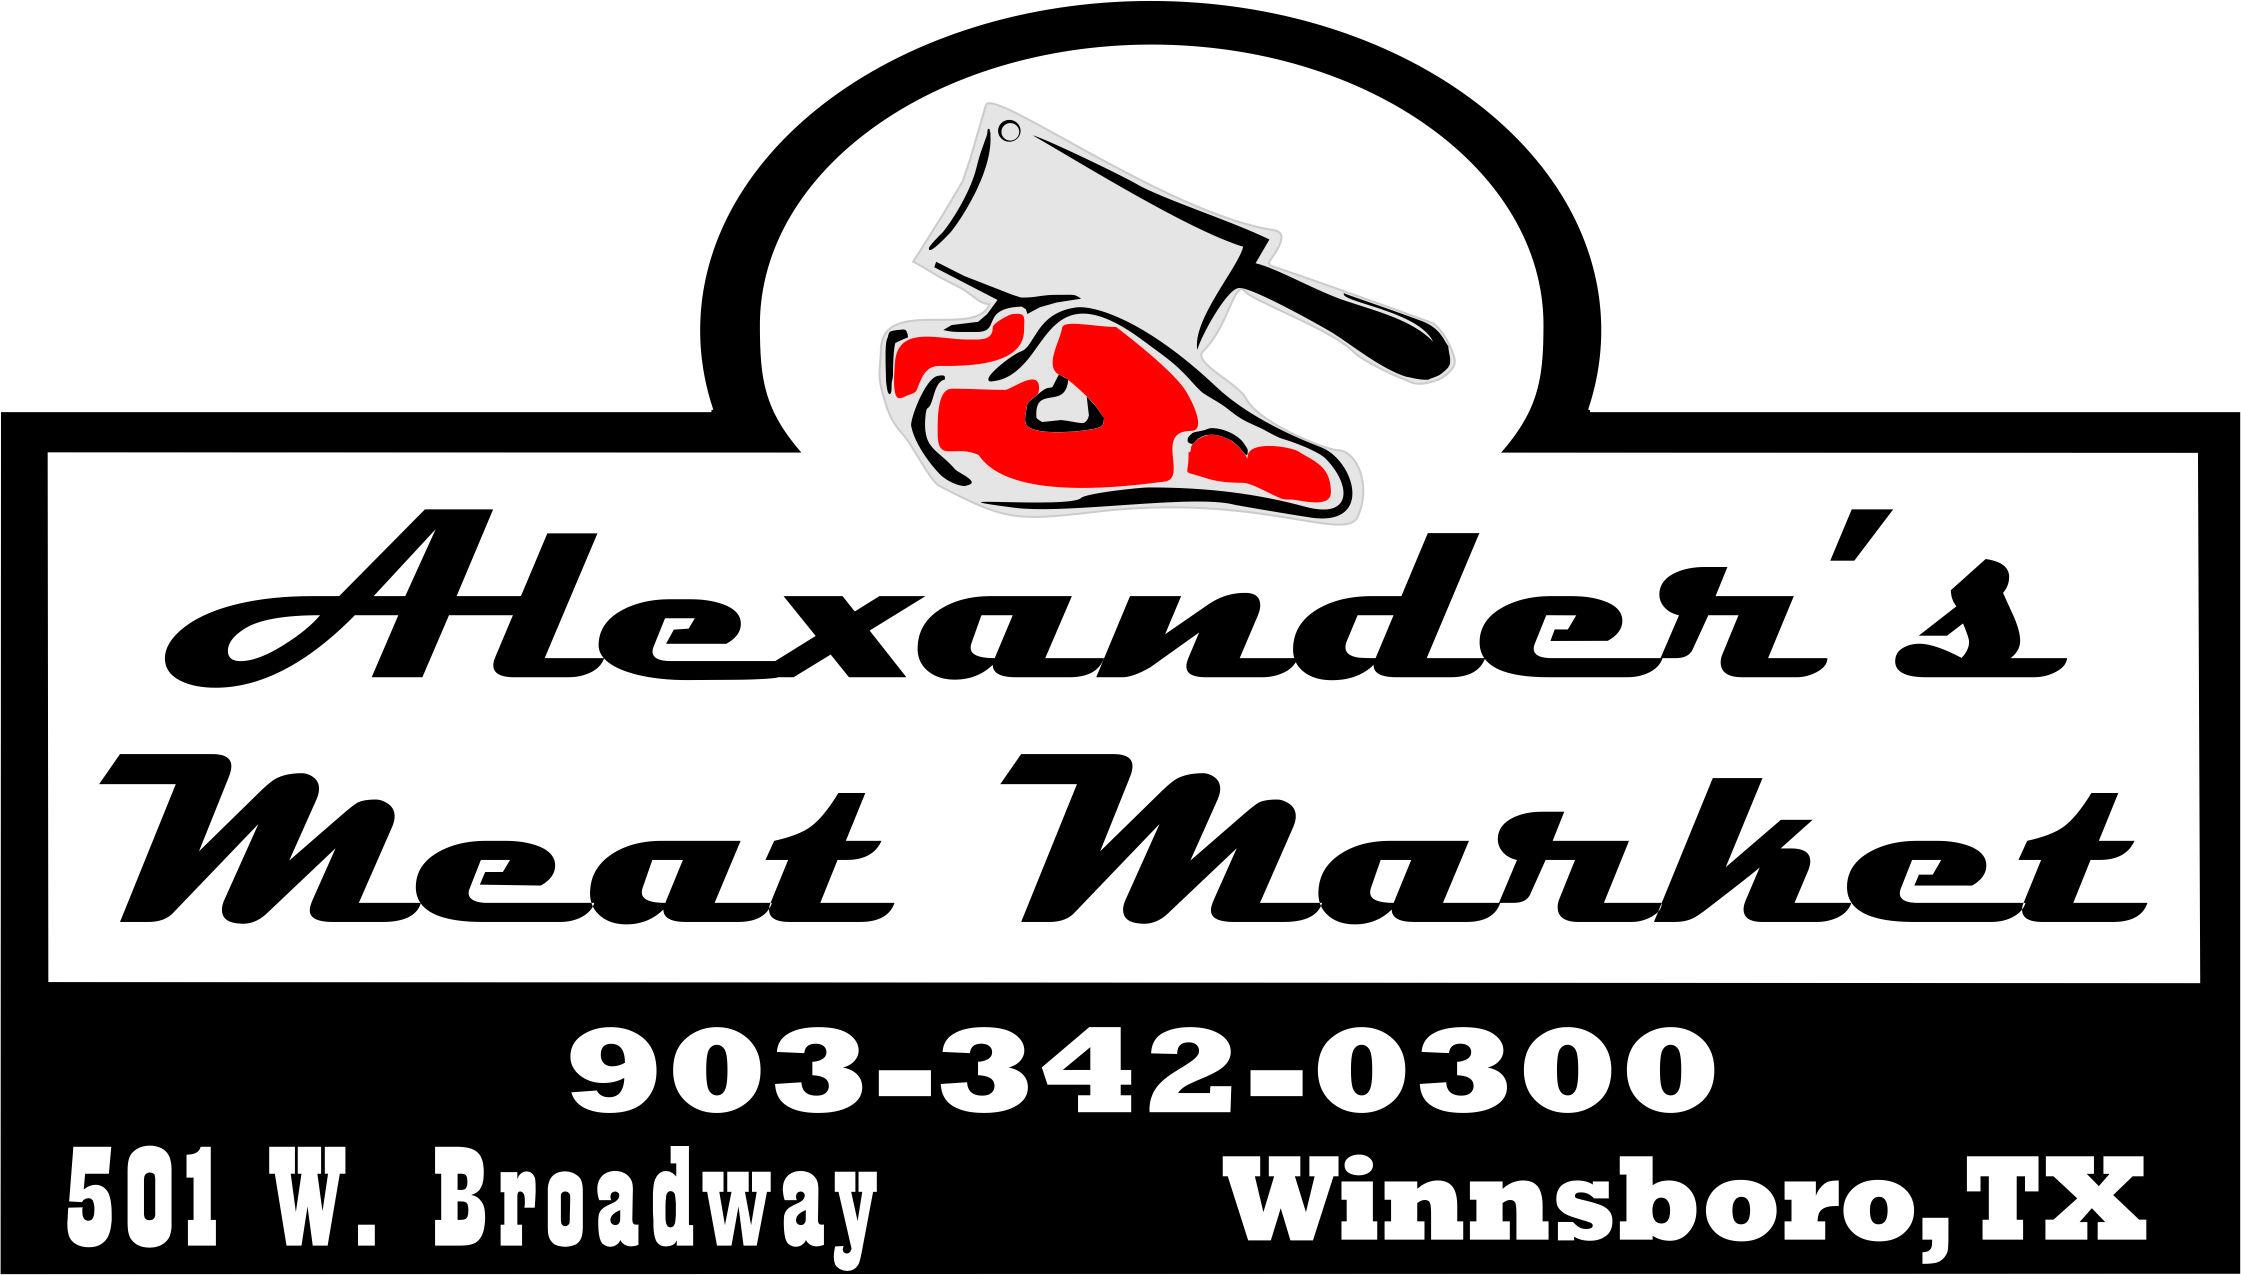 Alexander's Meat Market